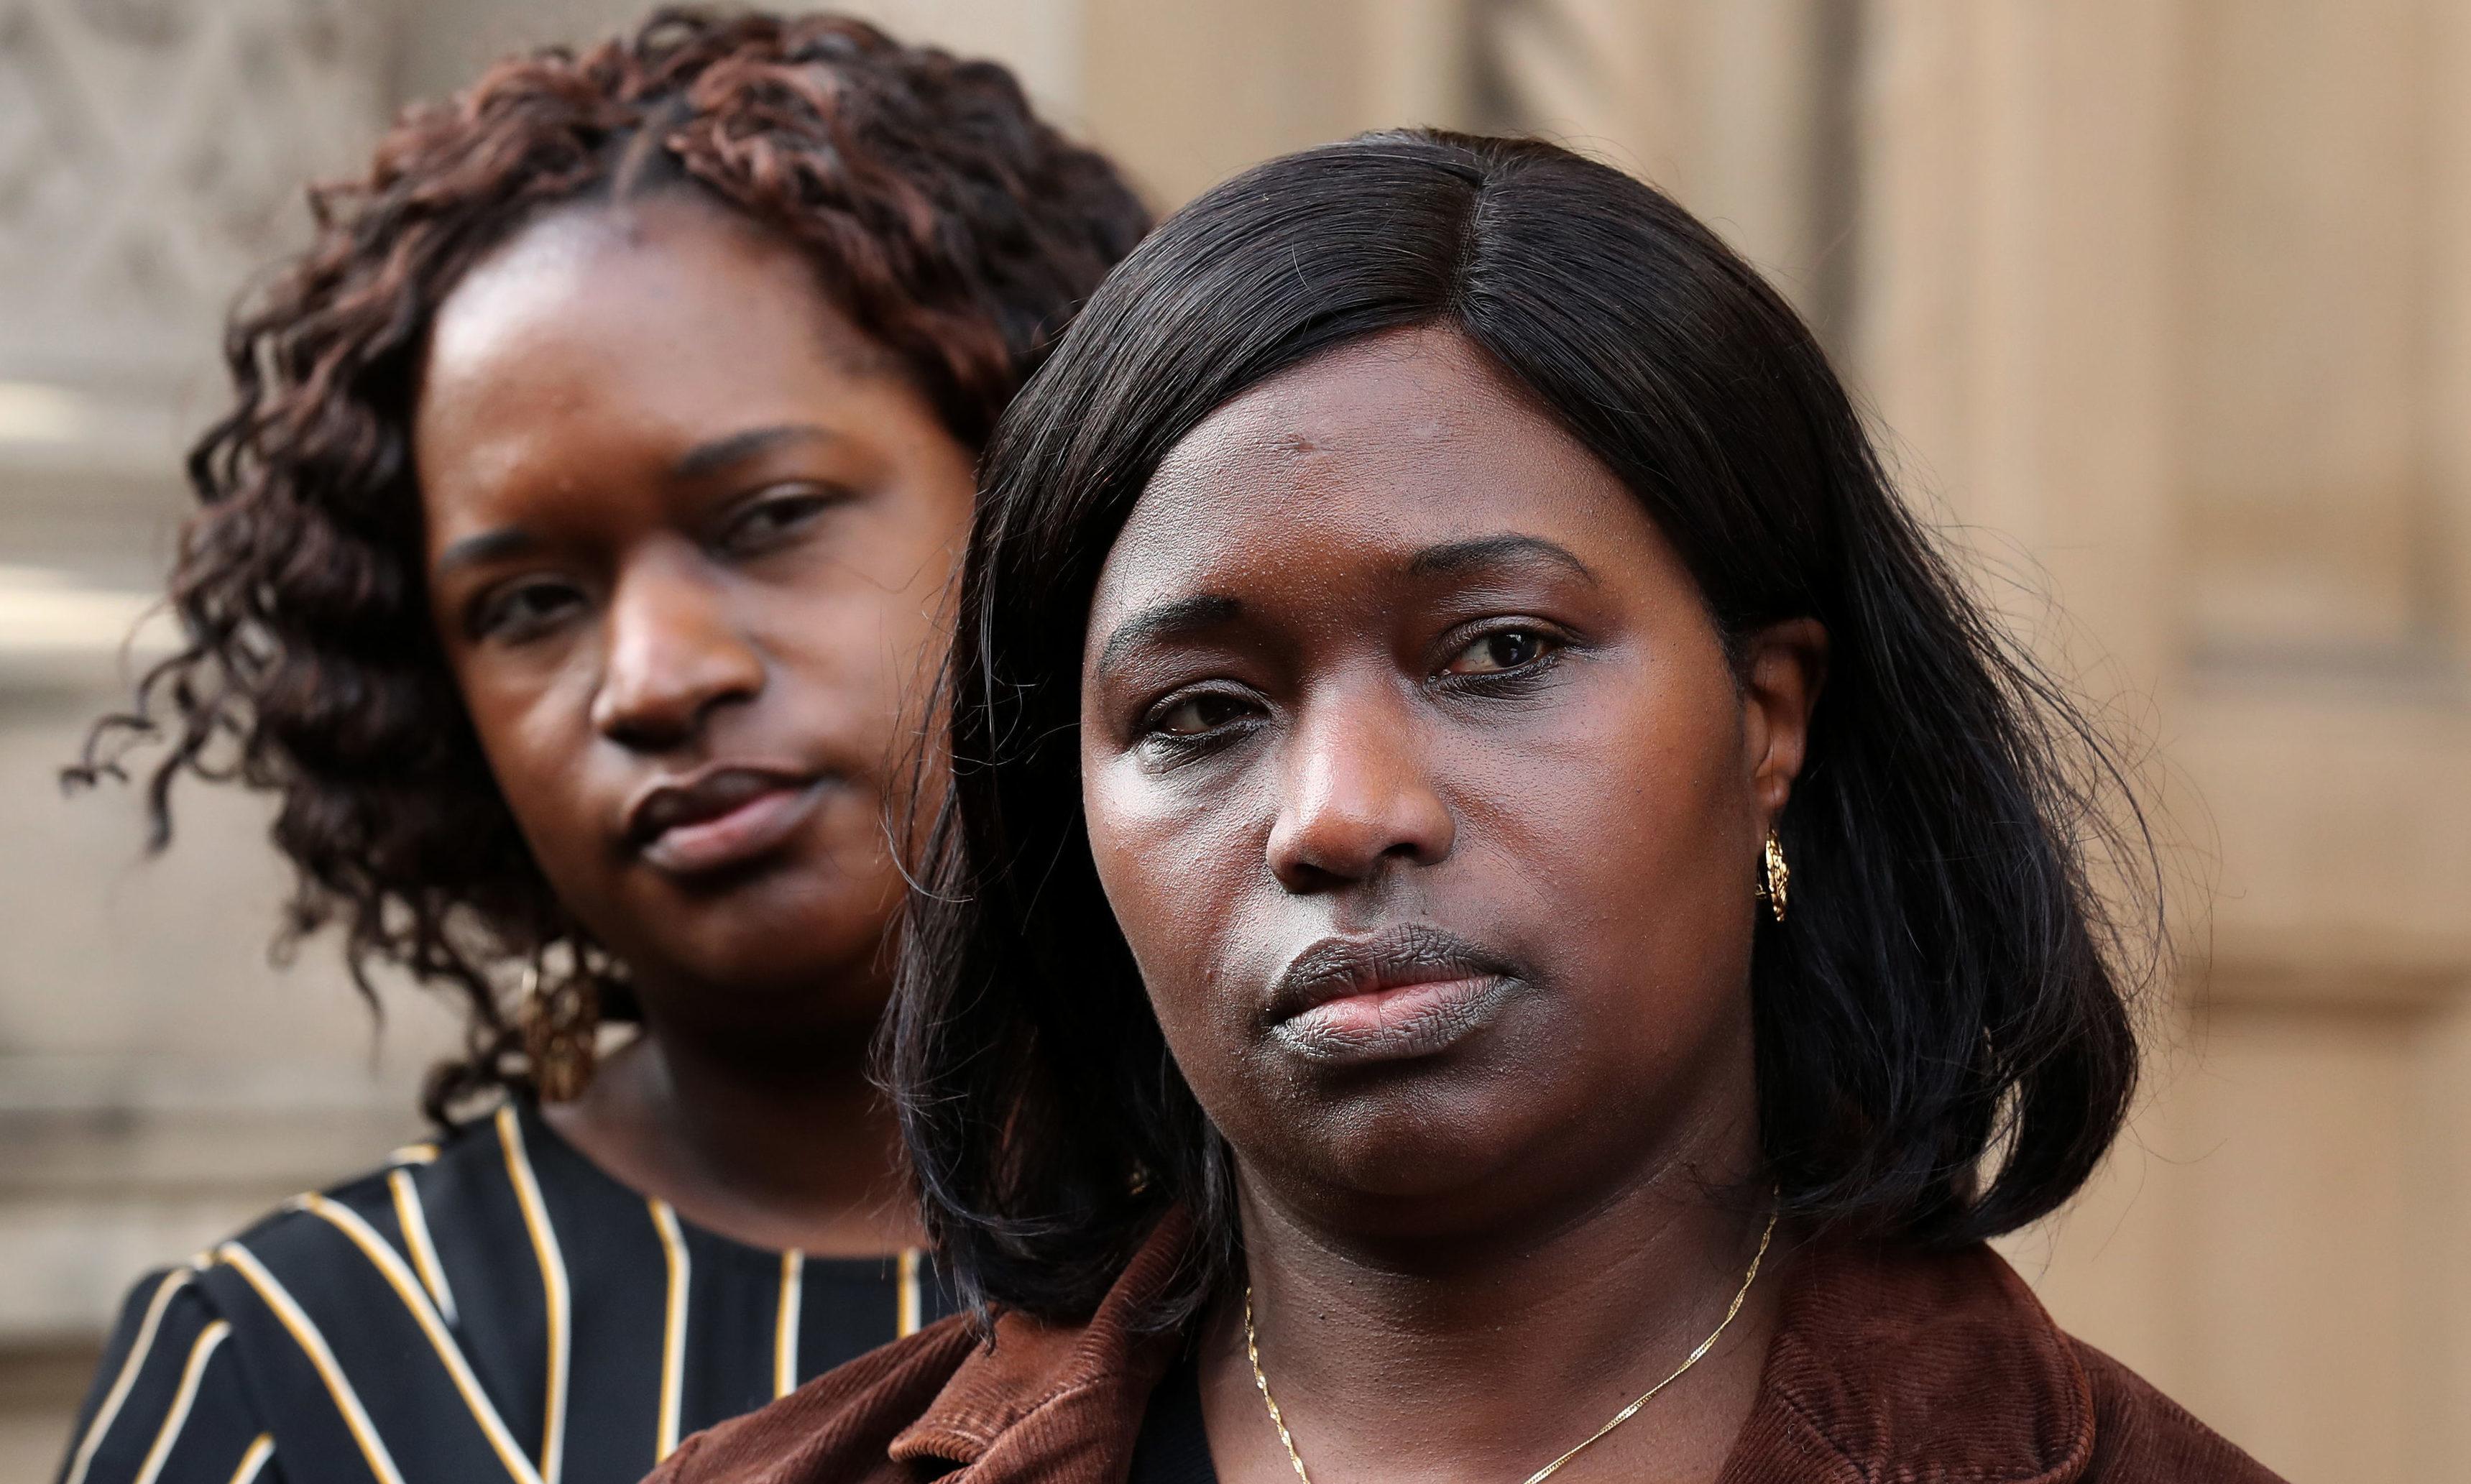 Kadijatu Johnson (right) and Adama Jalloh sisters of Sheku Bayoh.